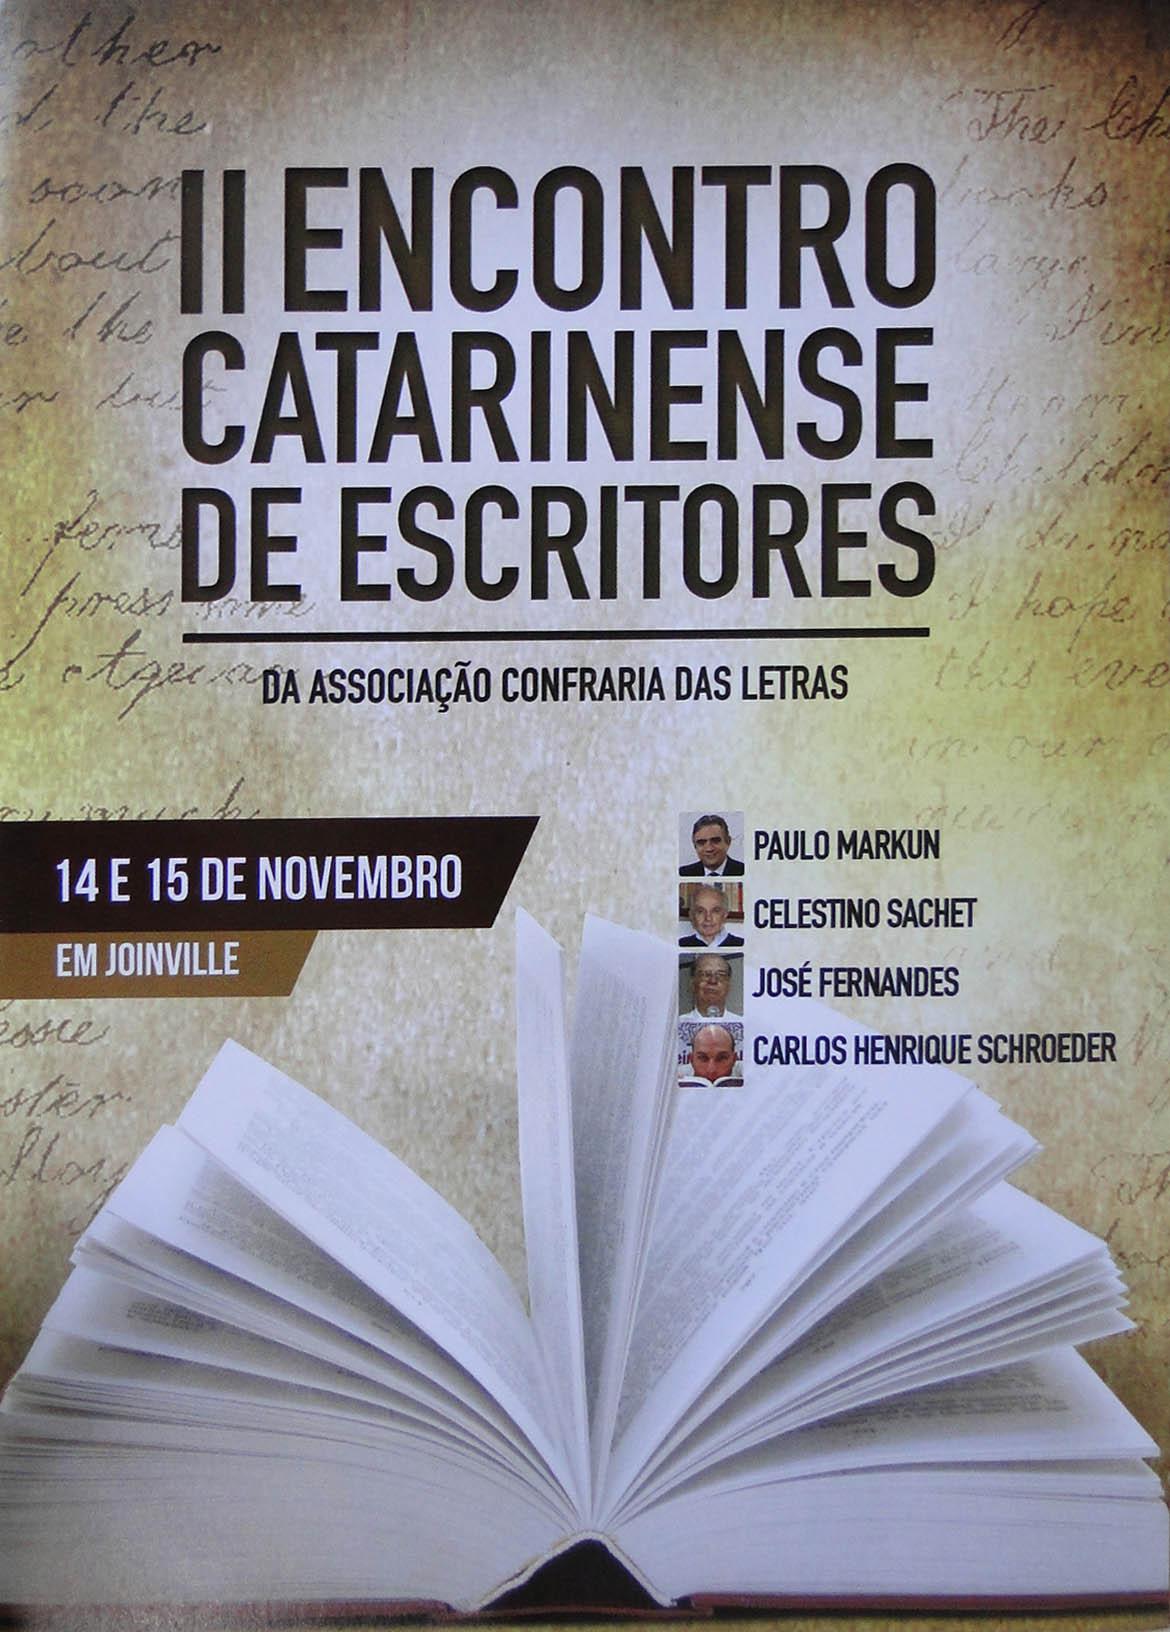 II Encontro Catarinense de Escritores: Balanço do evento revela consolidação no calendário cultural